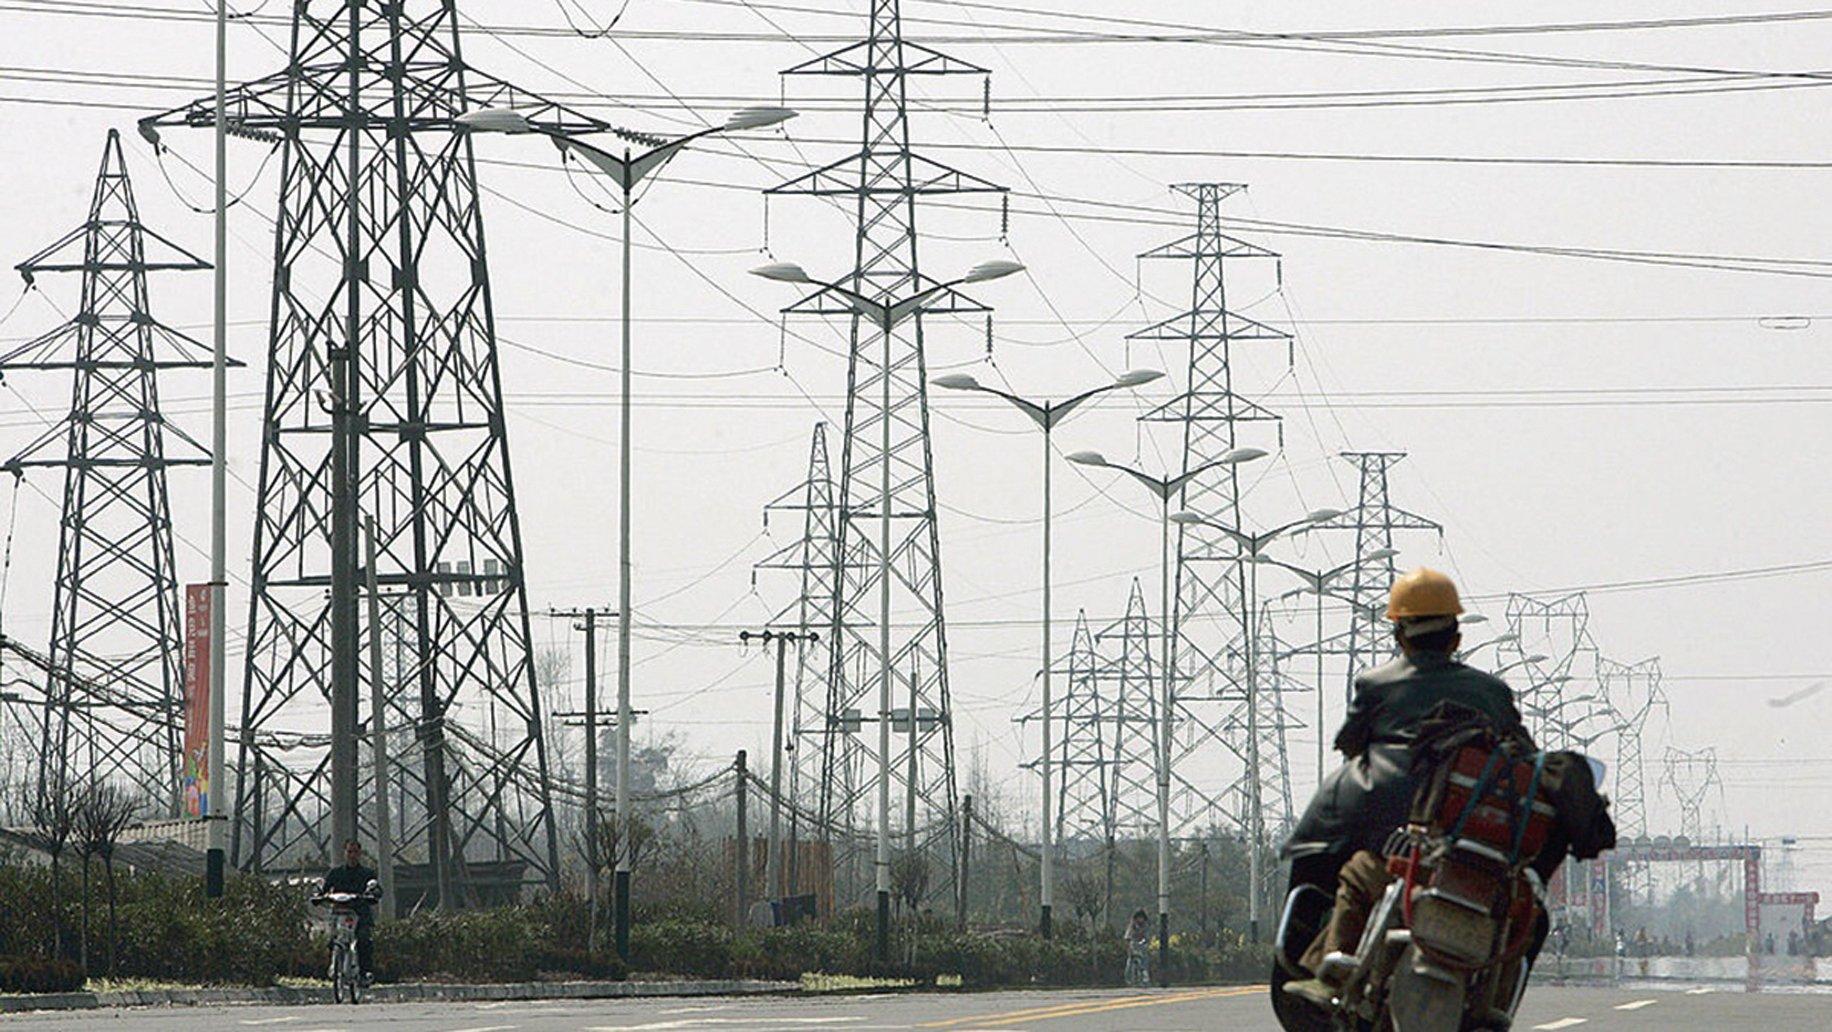 12月19日,國網湖南電力以用電負荷創新高為由全面進入「戰時狀態」。示意圖(影片截圖)